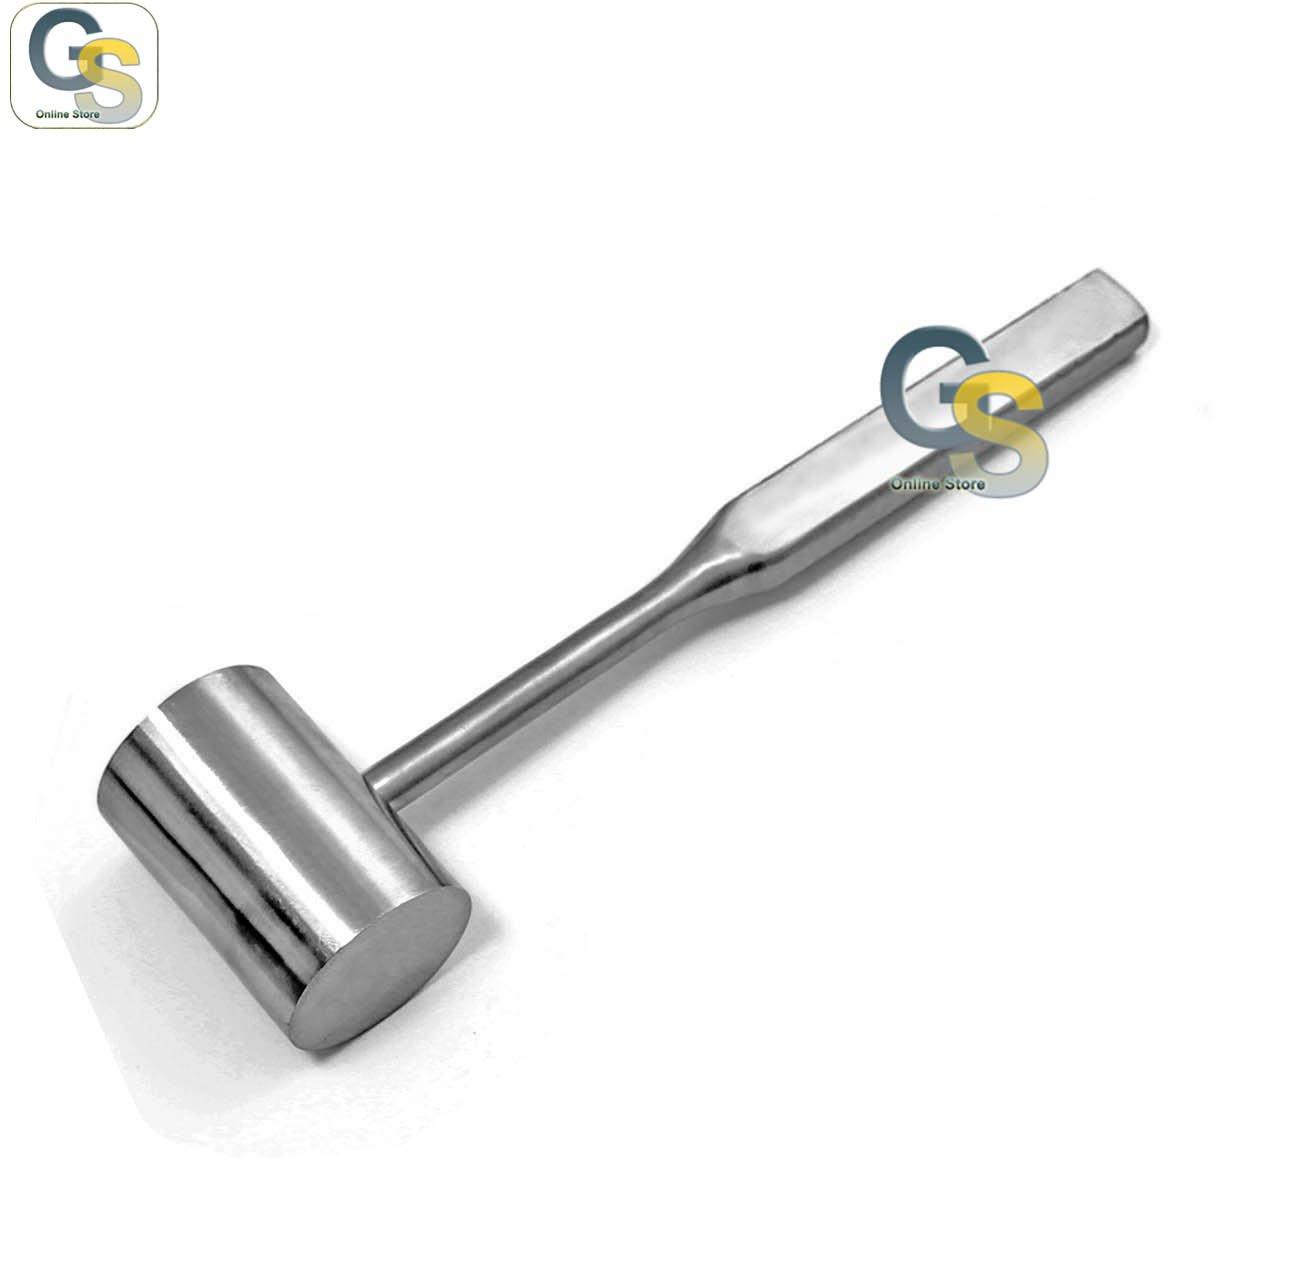 G.S BONE MALLET 600 GRAMS ORTHOPEDIC by G.S Orthopedic